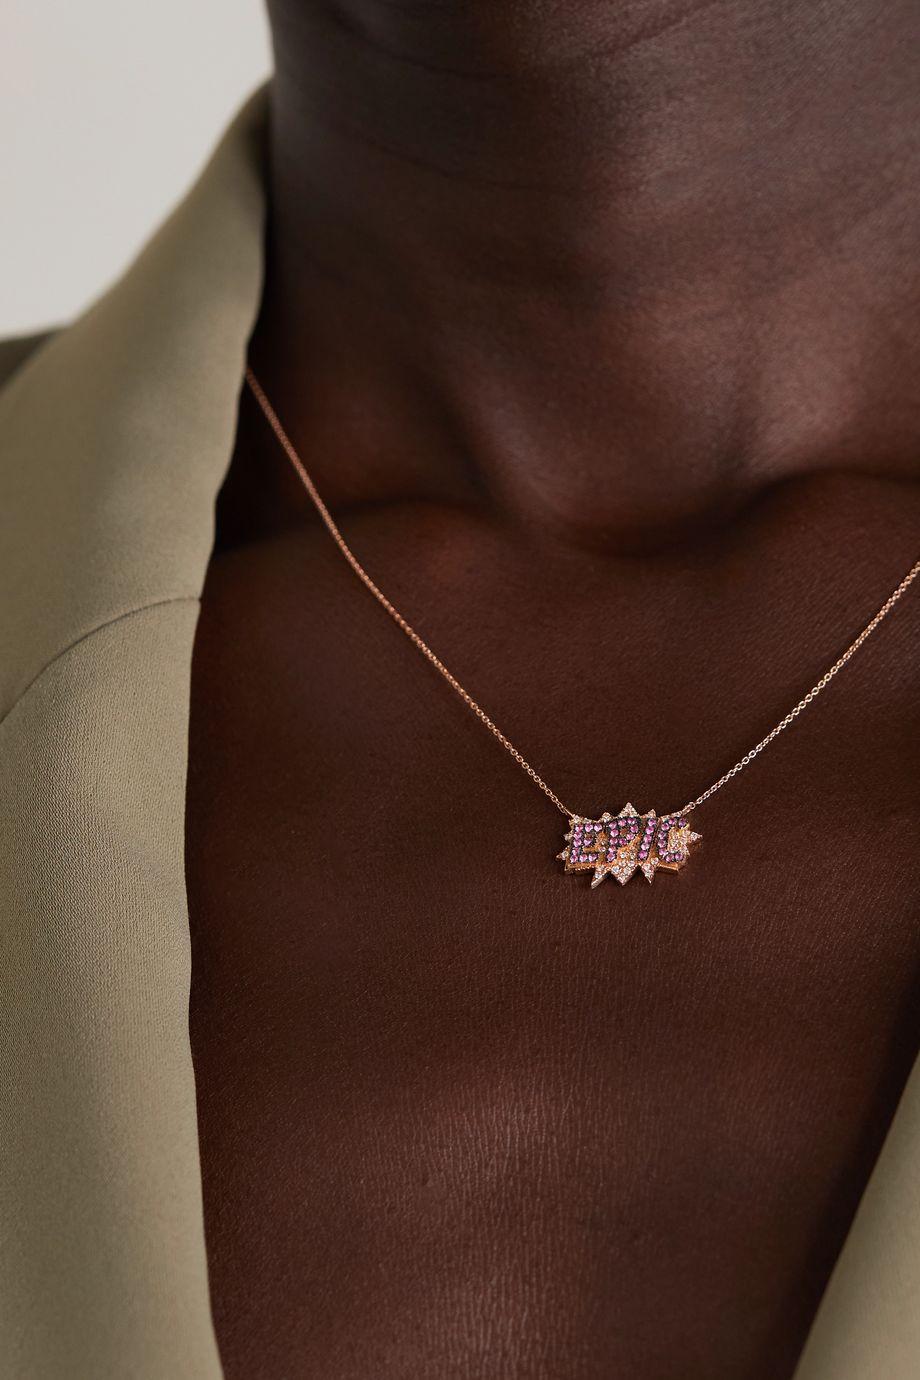 Diane Kordas Epic Kette aus 18 Karat Roségold mit Saphiren und Diamanten